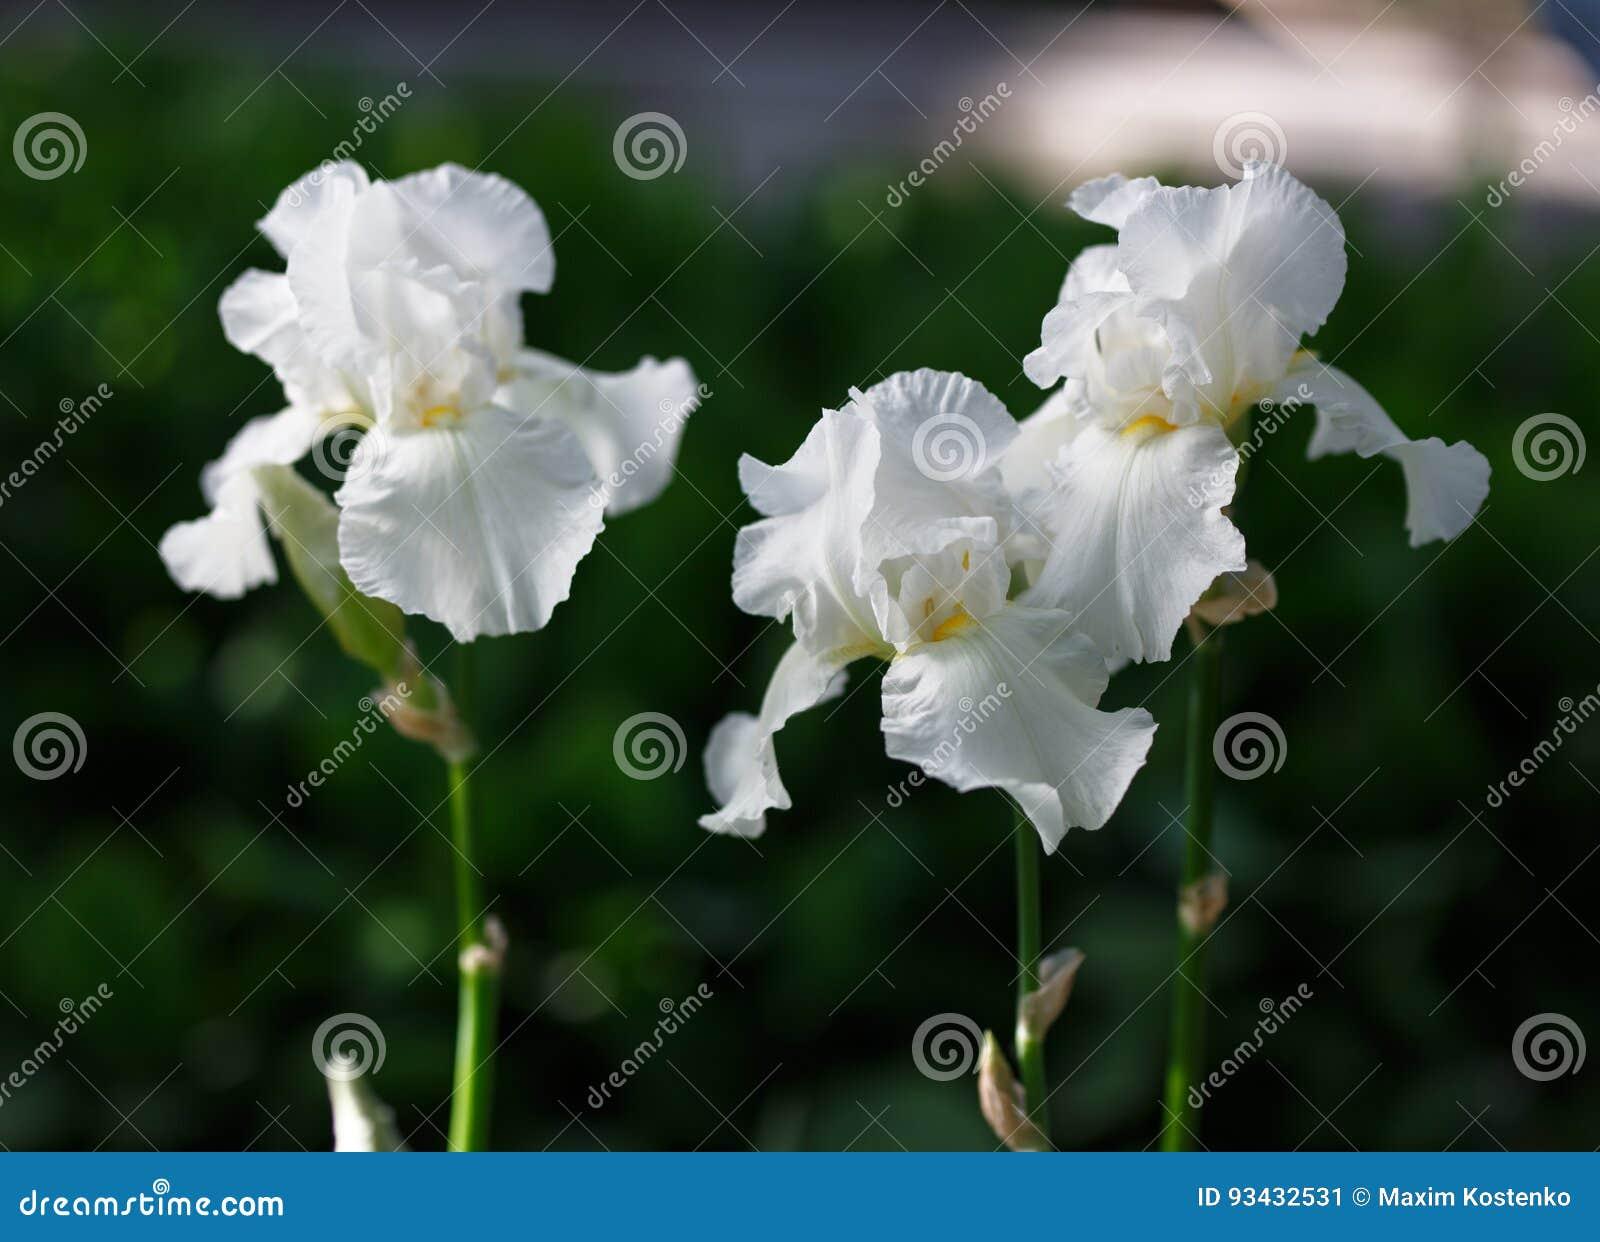 White Iris Flower Close Up Photo Stock Image Image Of Background